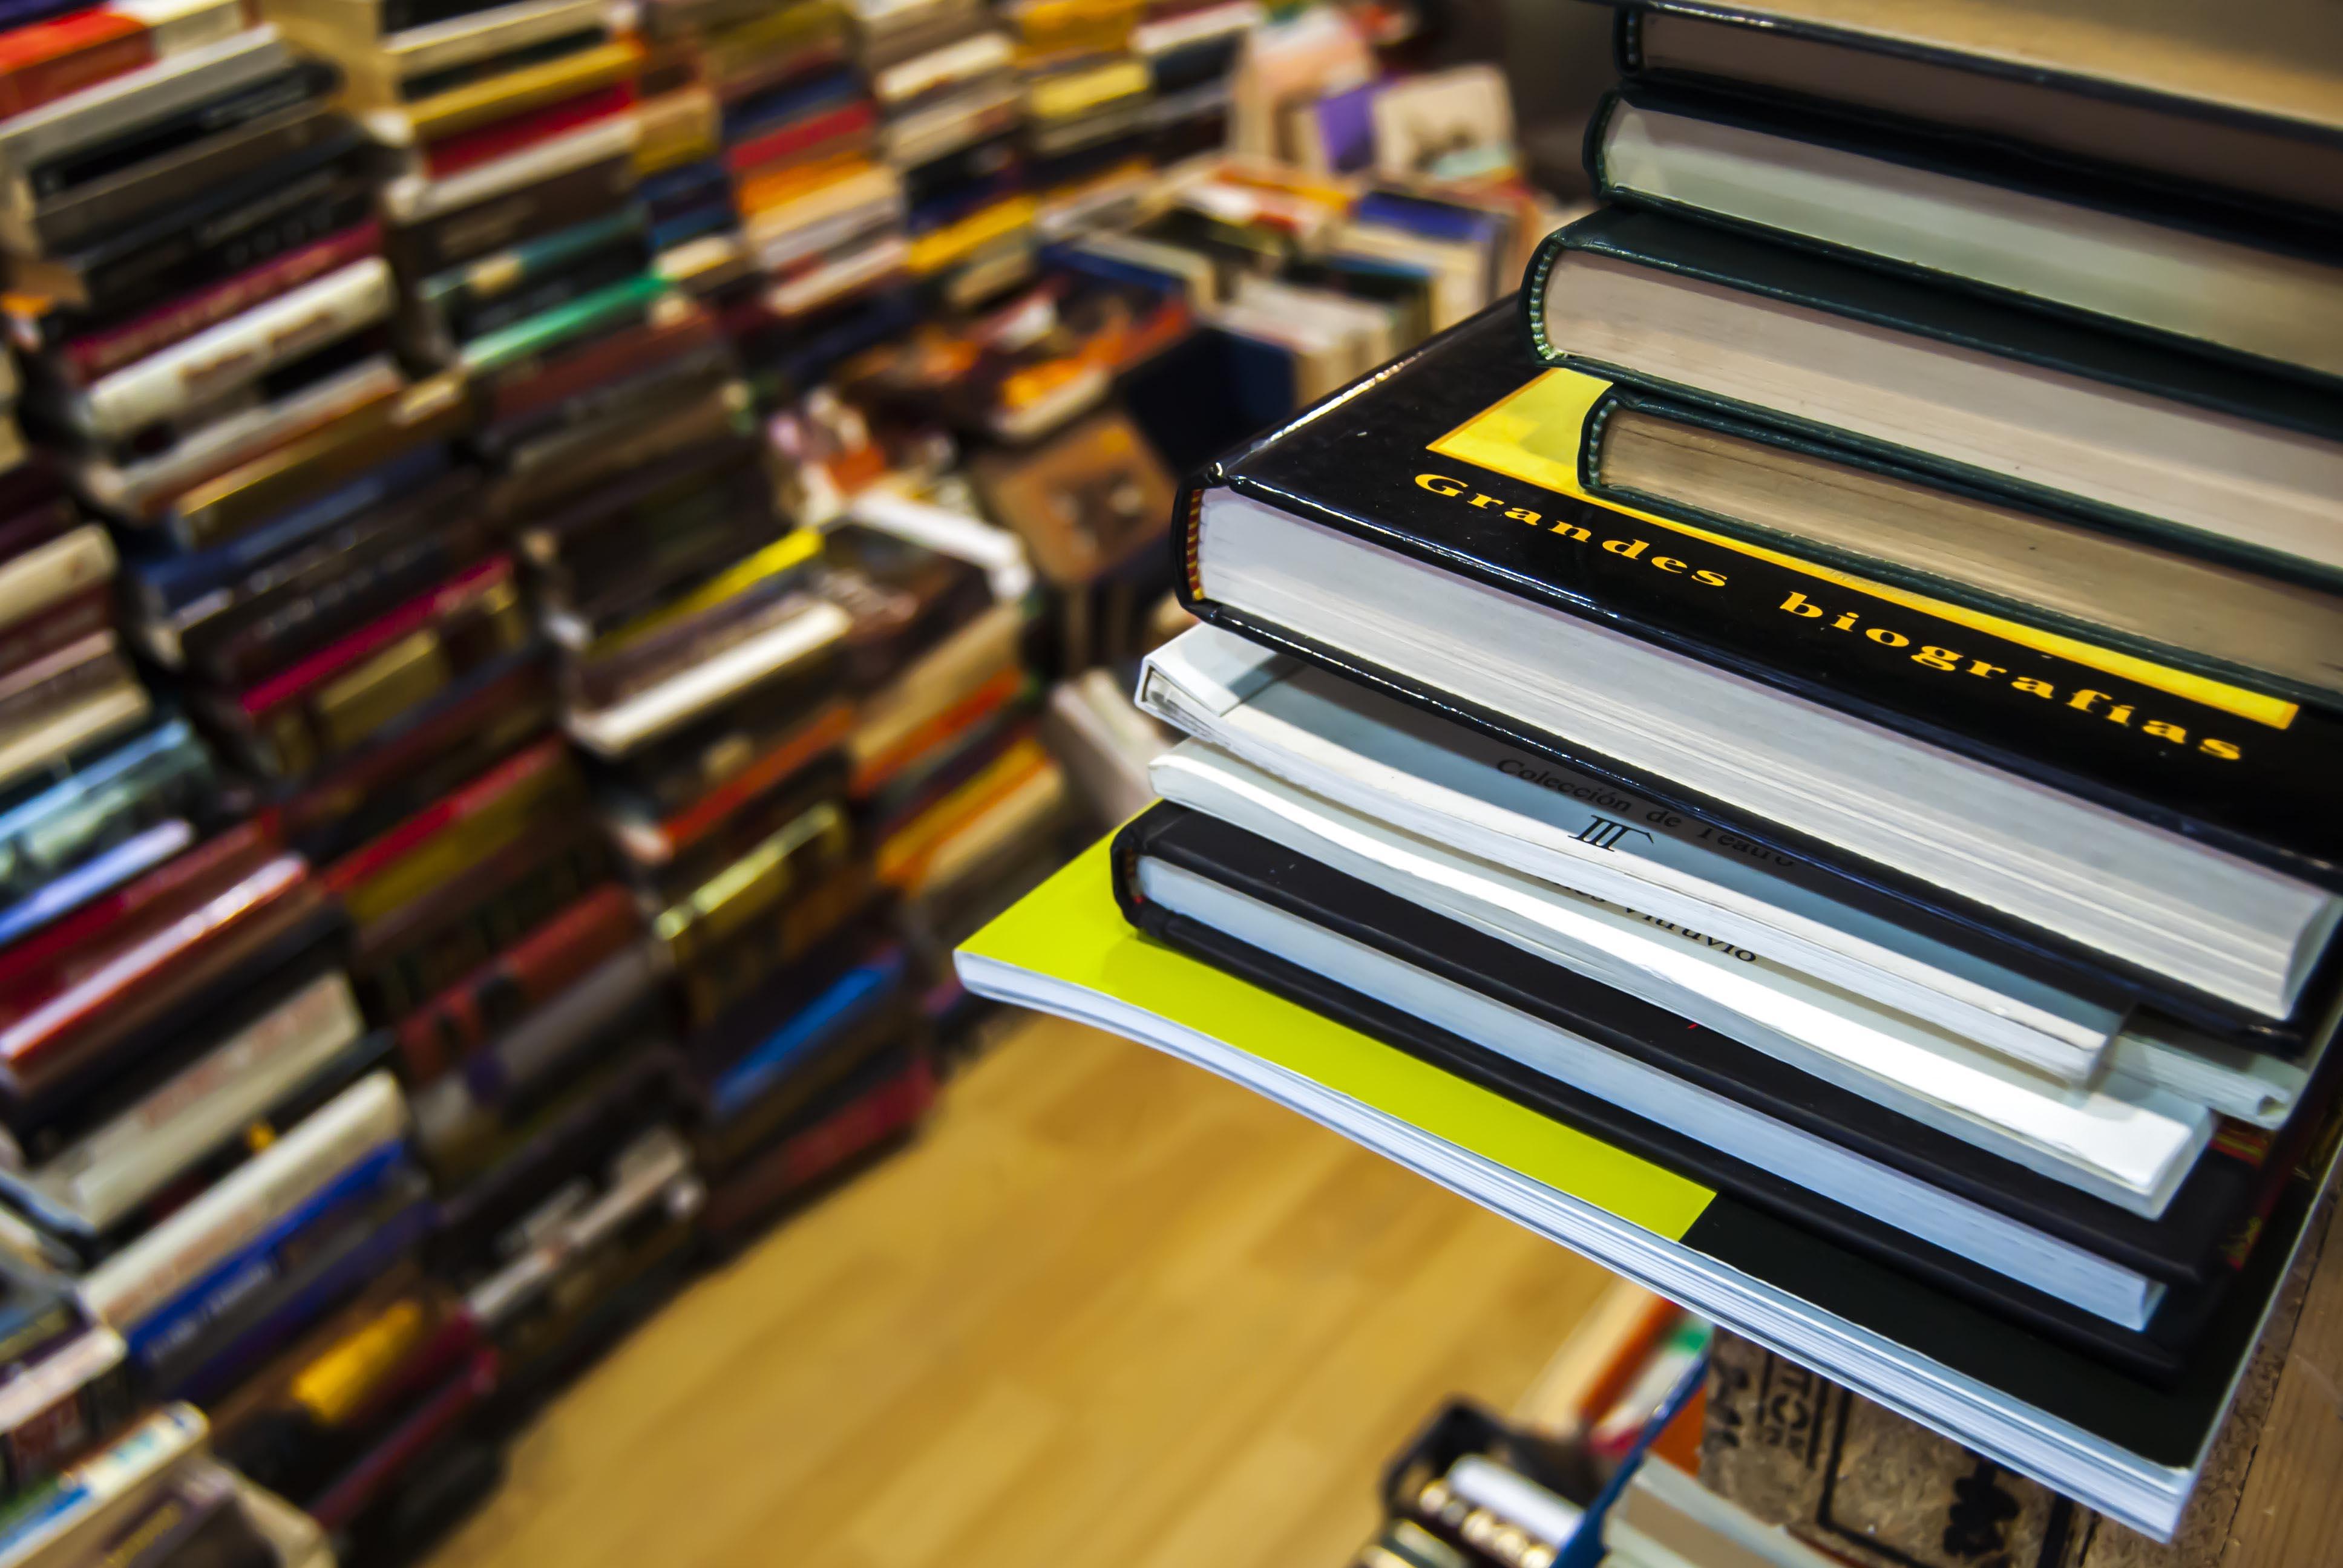 Nueva librería solidaria de TuuuLibrería en Madrid